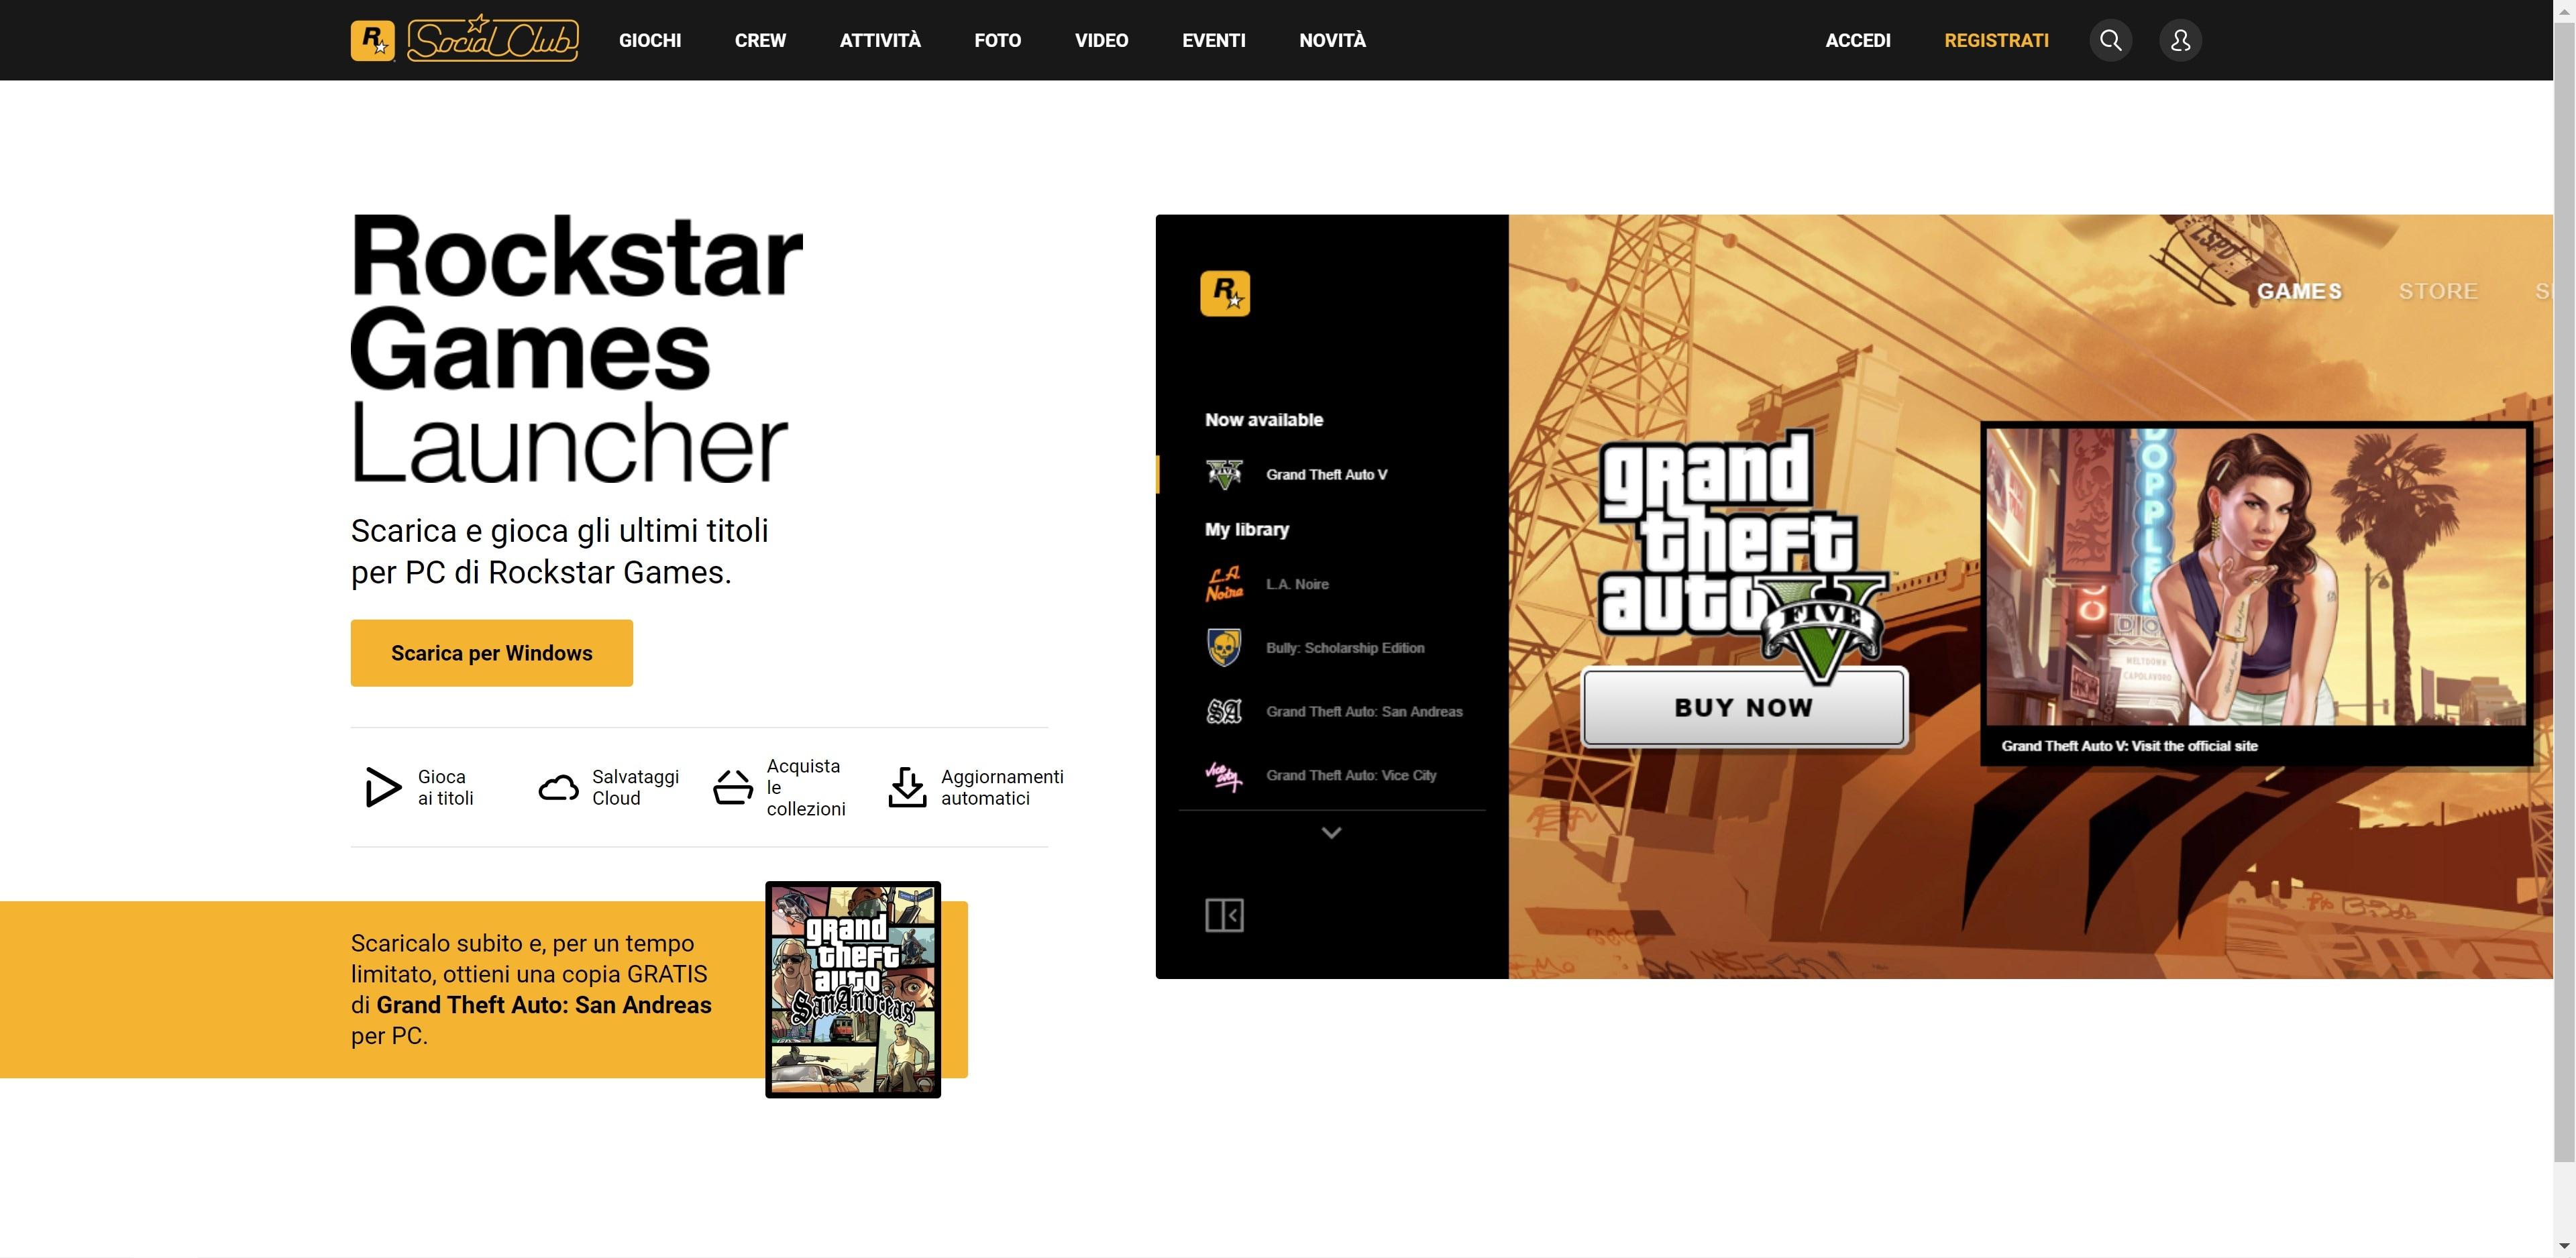 rockstar games launcher (1)